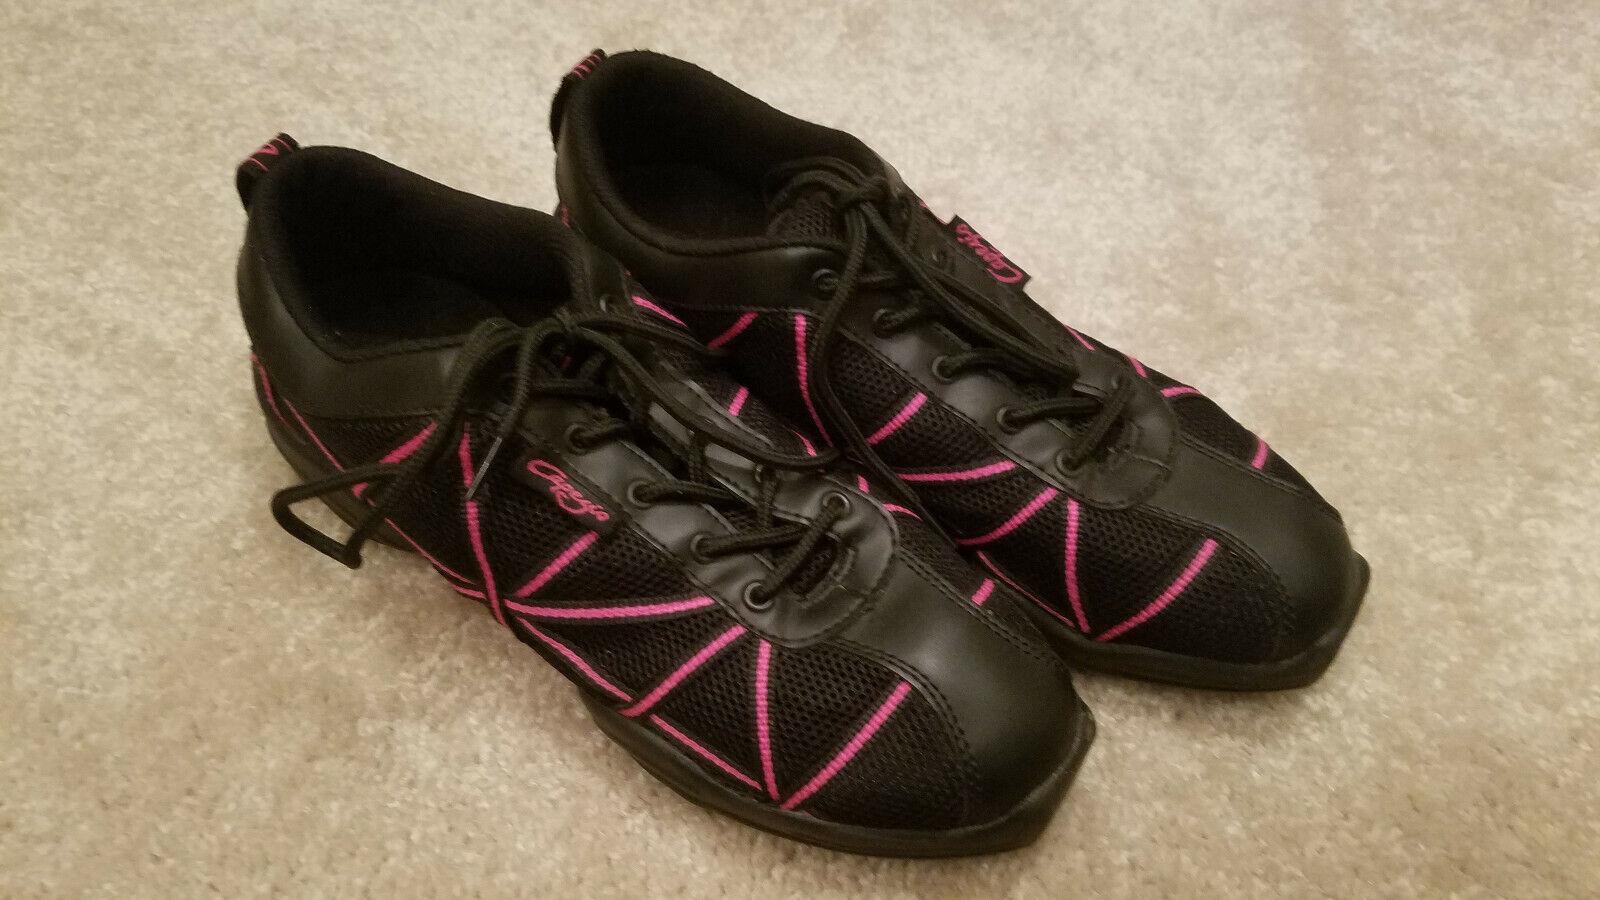 2 Paires! - CAPEZIO Dance Chaussures Taille 9 Femme Noir et Rose, & Noir